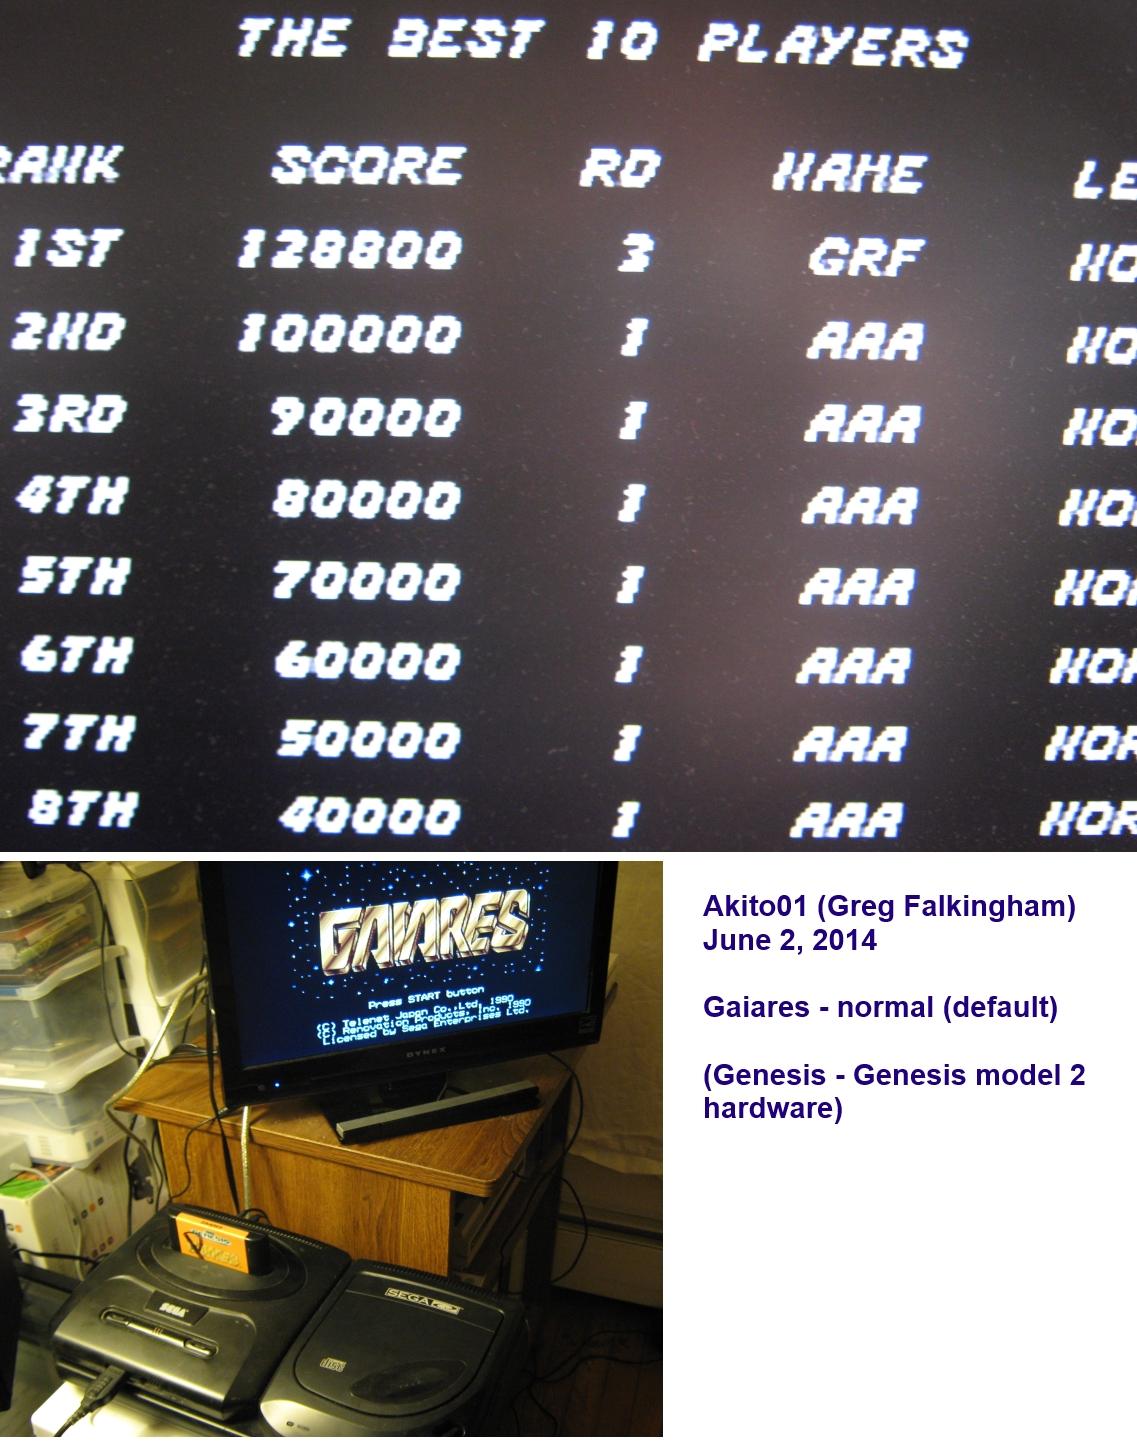 Gaiares 128,800 points